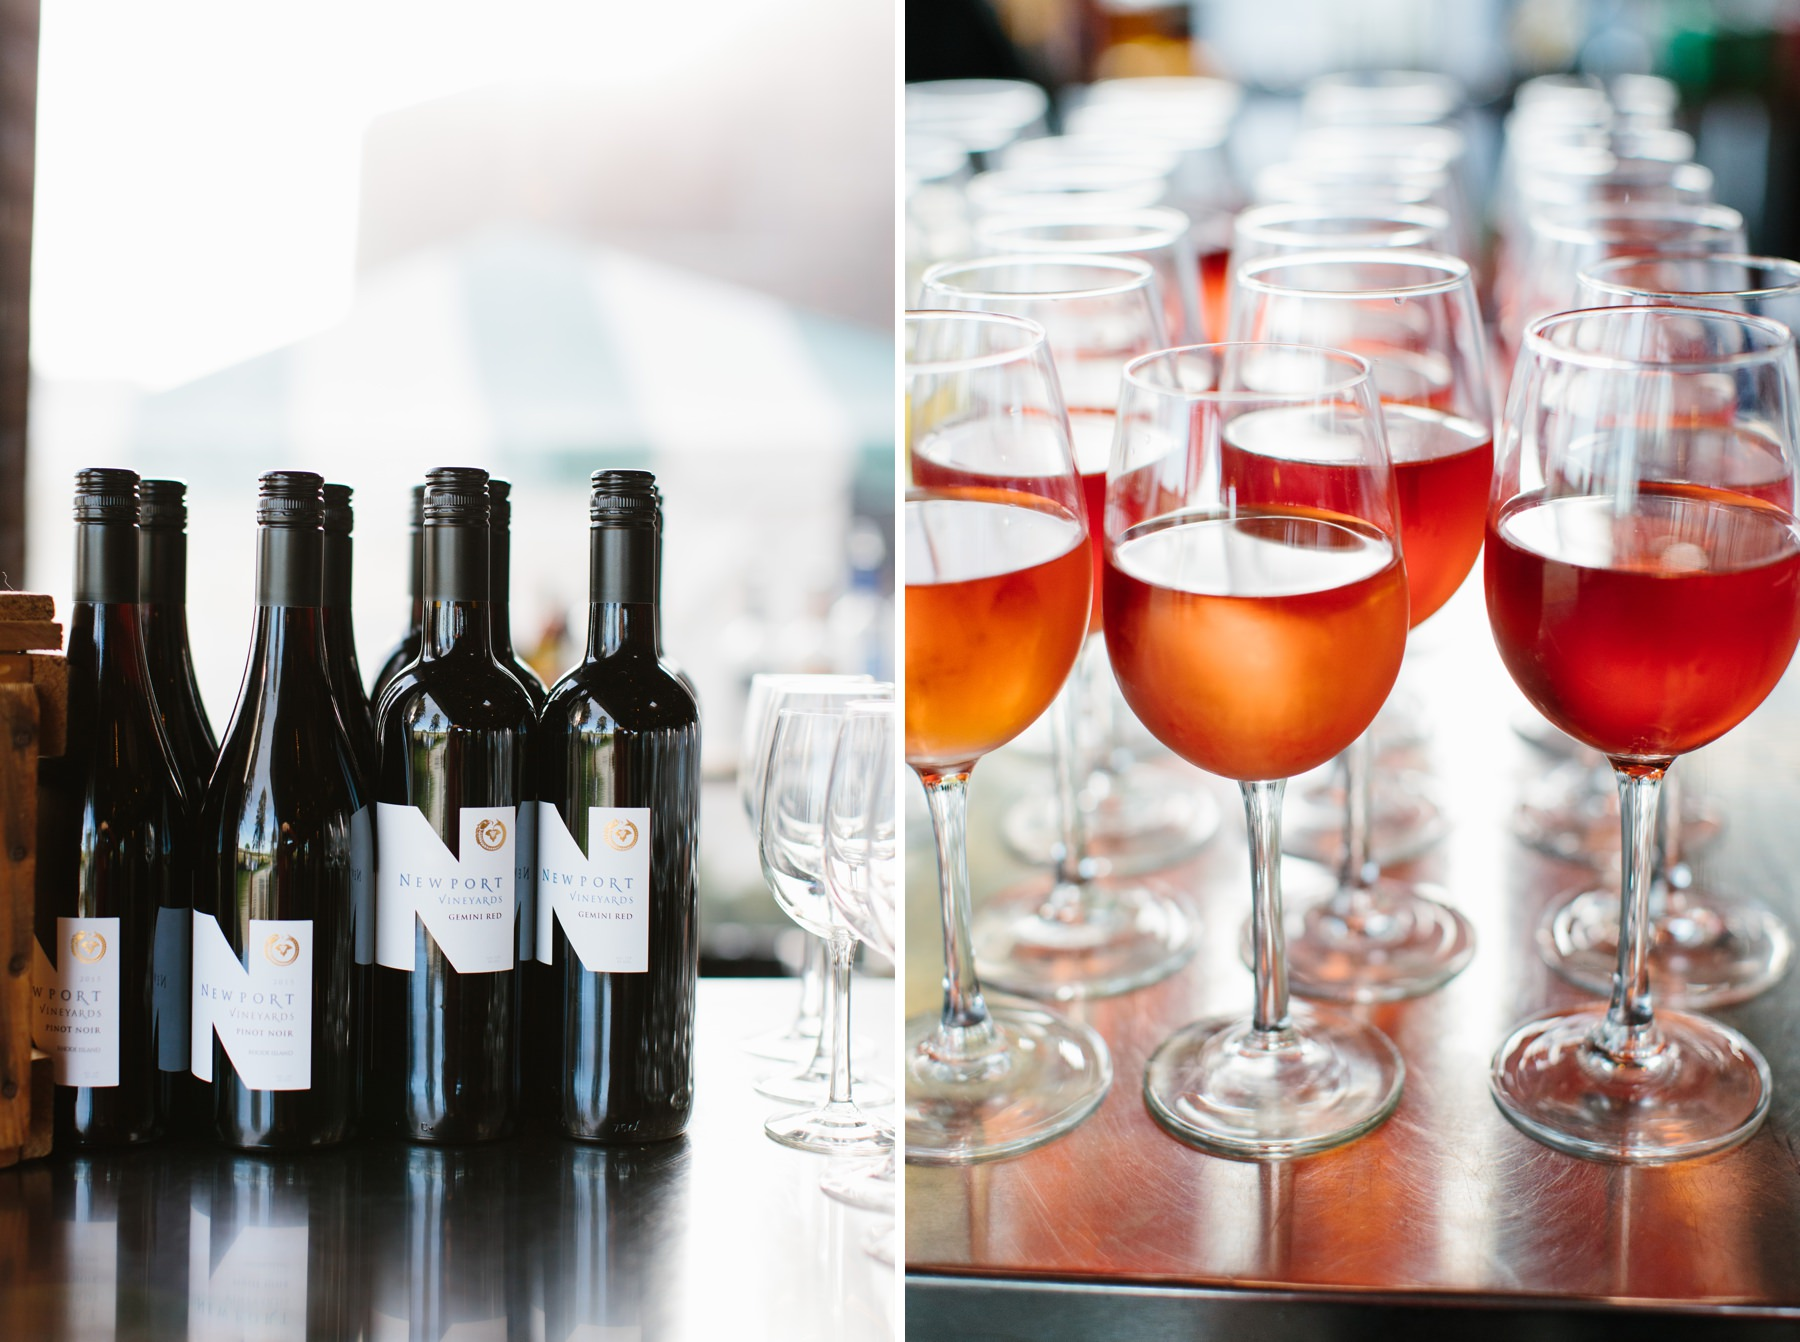 newport vineyards wines